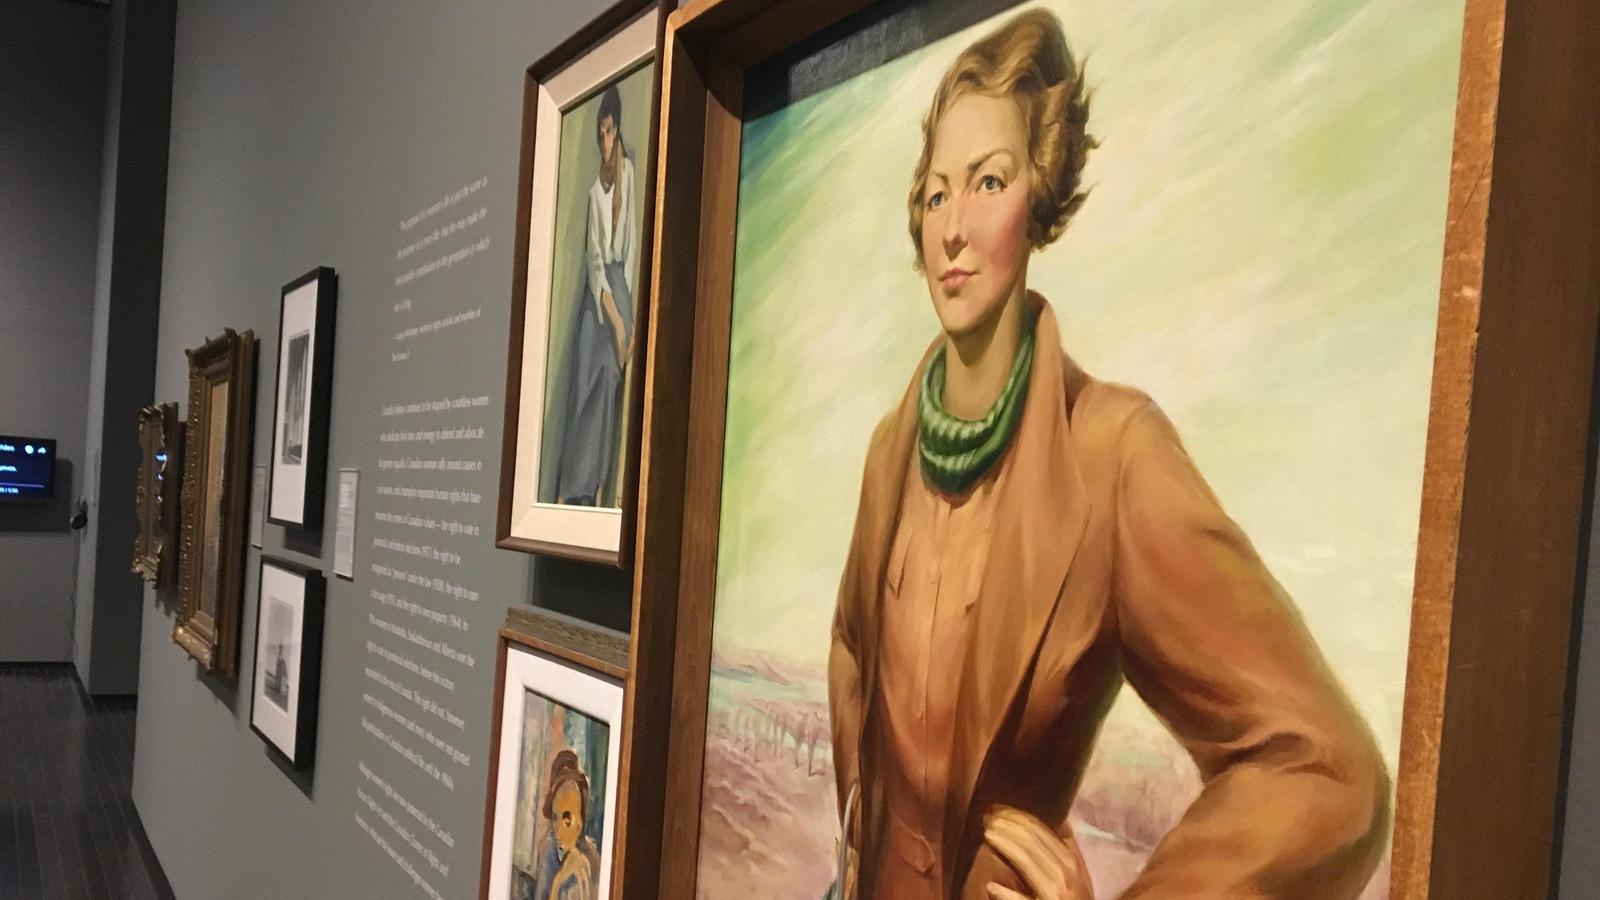 Les droits des femmes, un thème abordé à l'exposition Passé imparfait : un projet d'histoire canadienne».